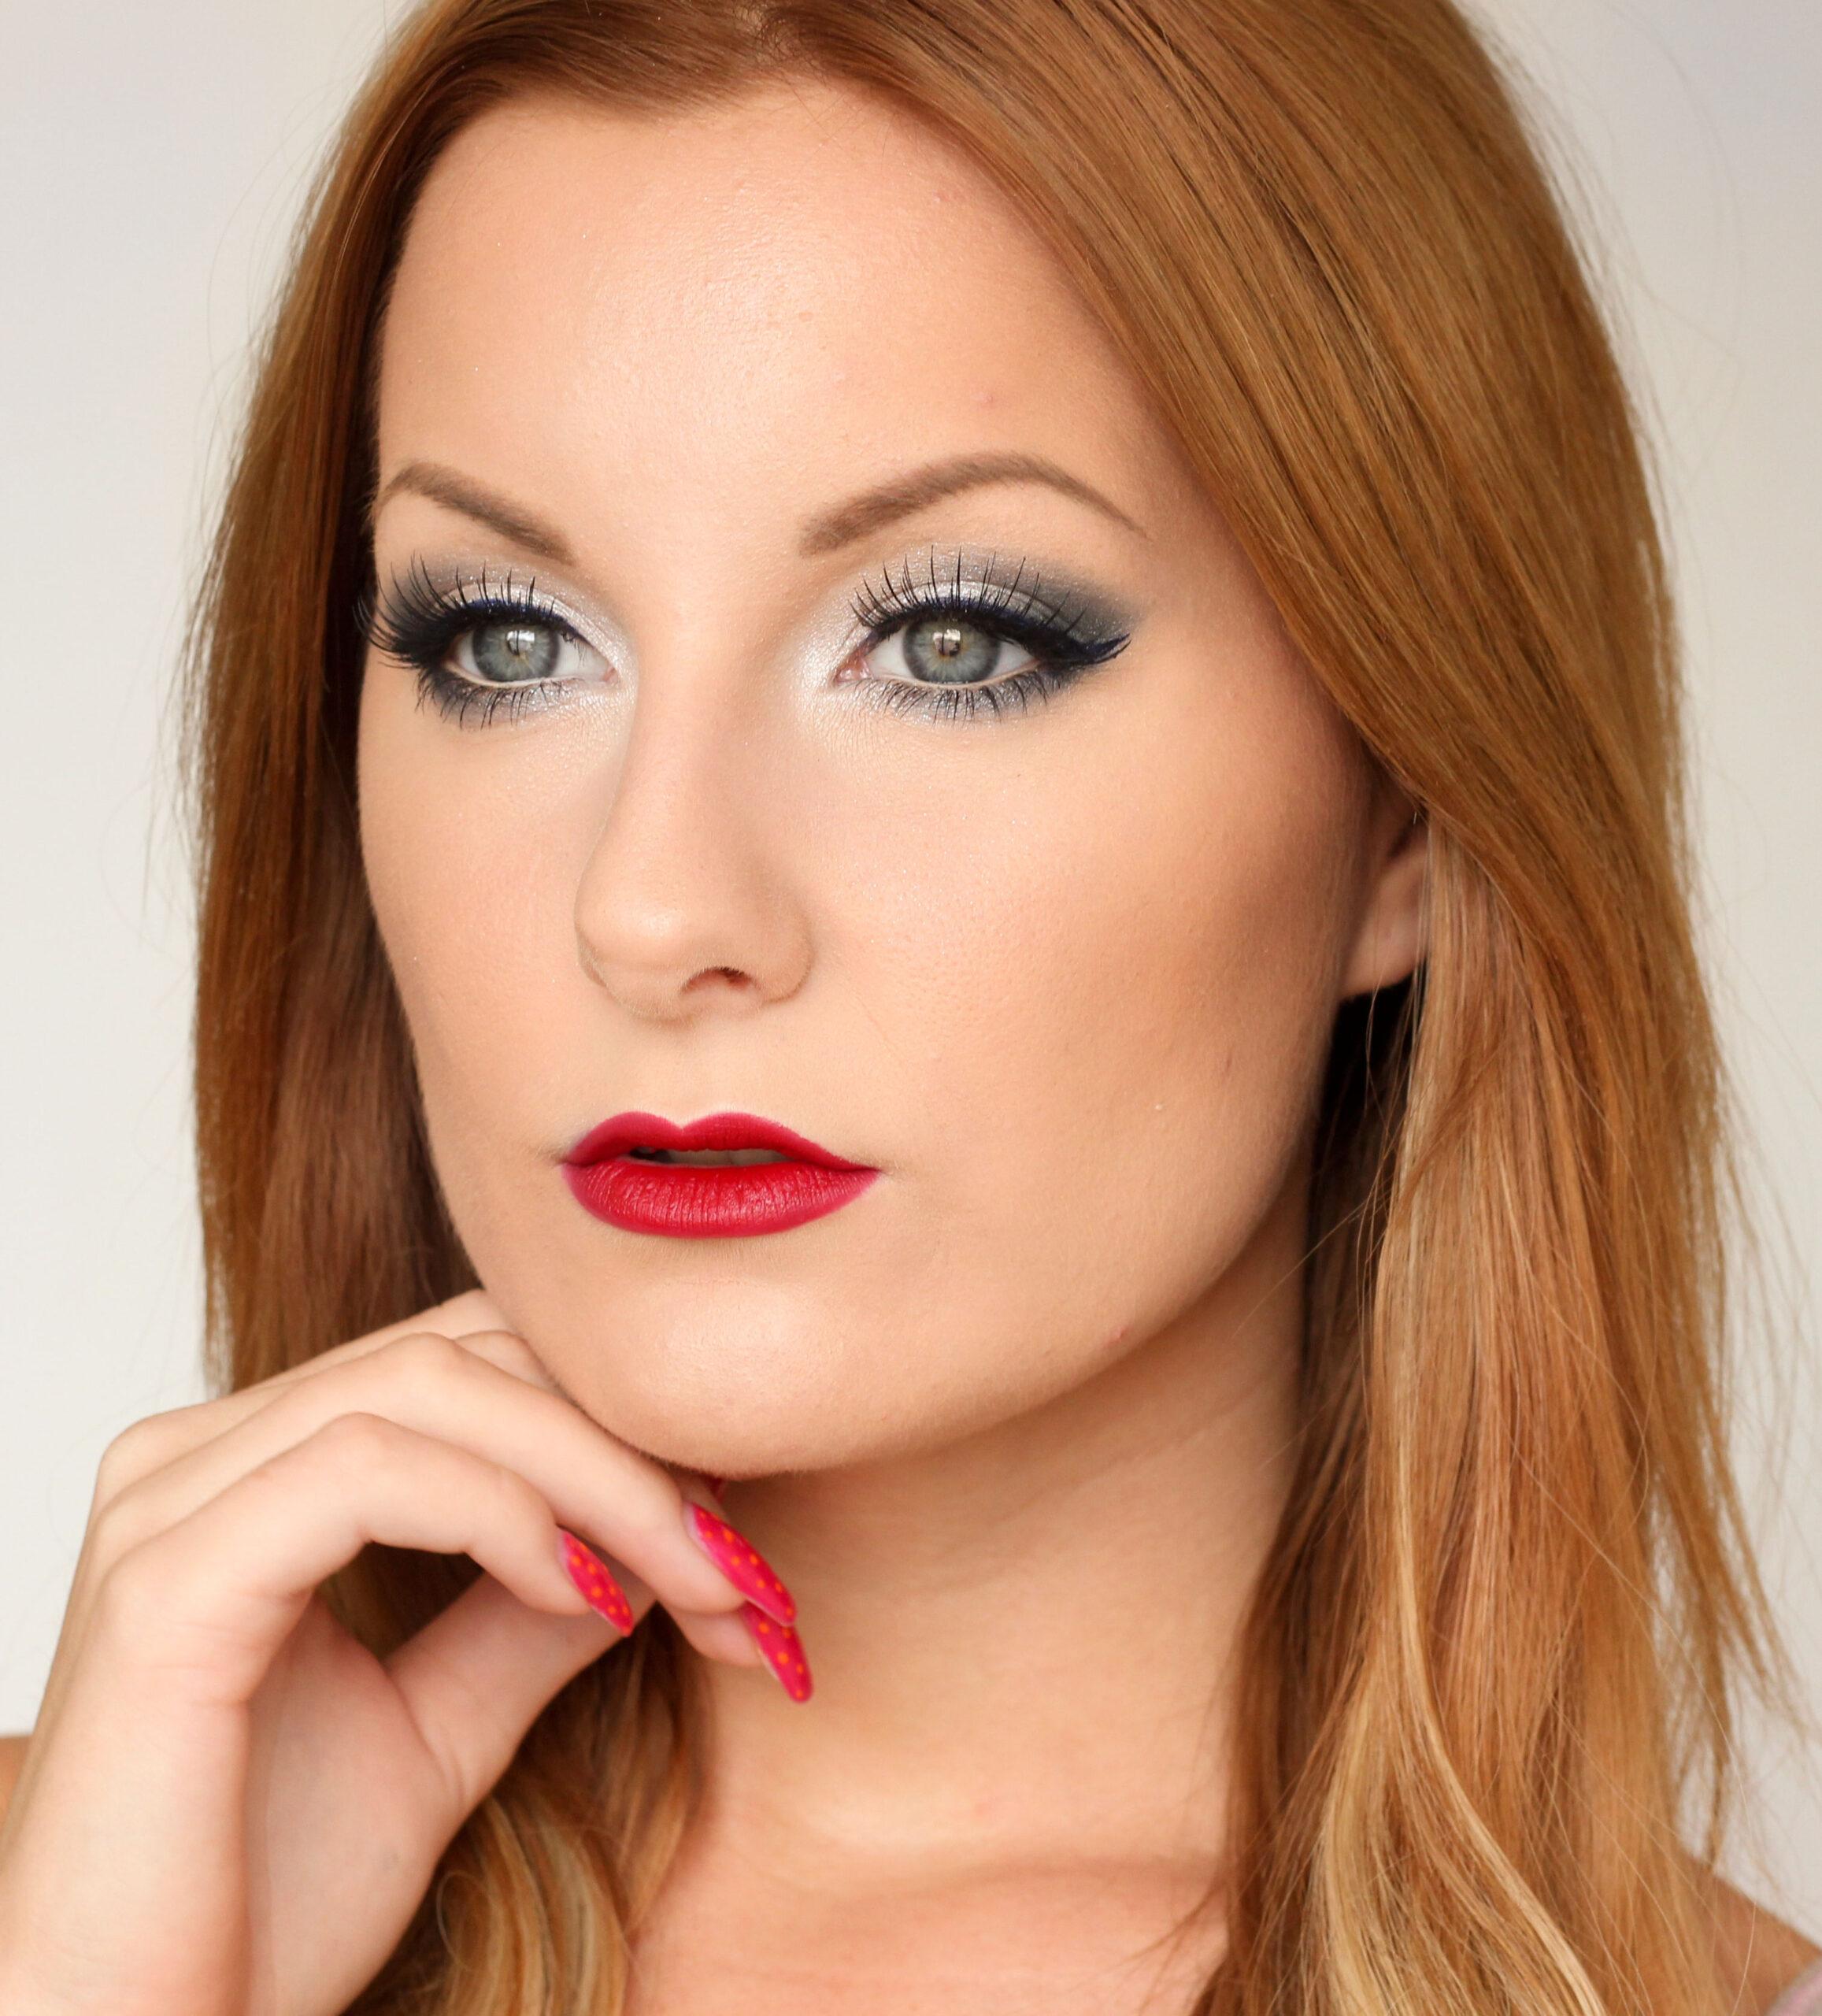 Anastasia Brow Wiz